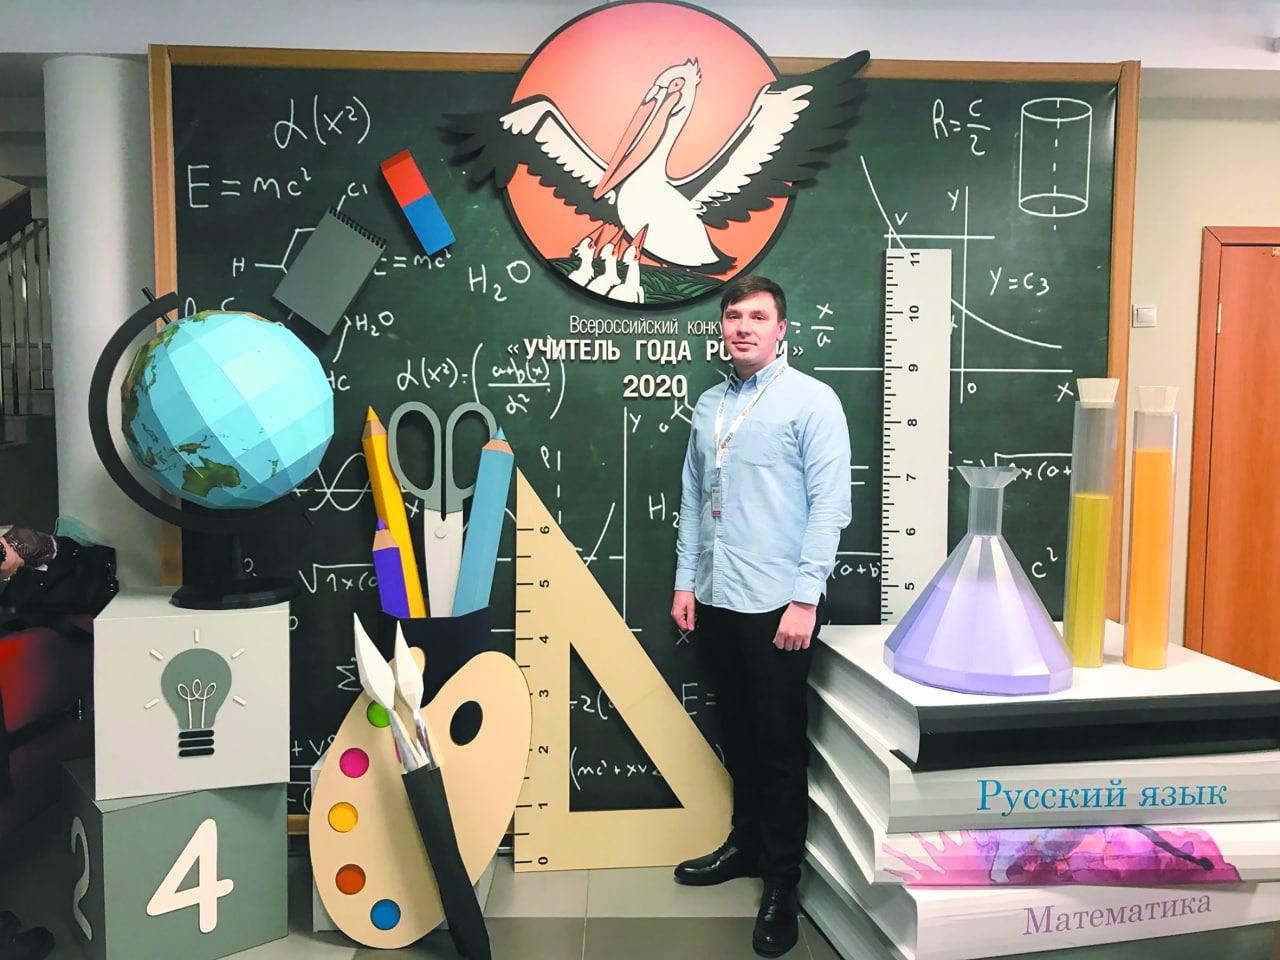 Преподаватель из Коломны оценивала участников Всероссийского конкурса «Учитель года России»